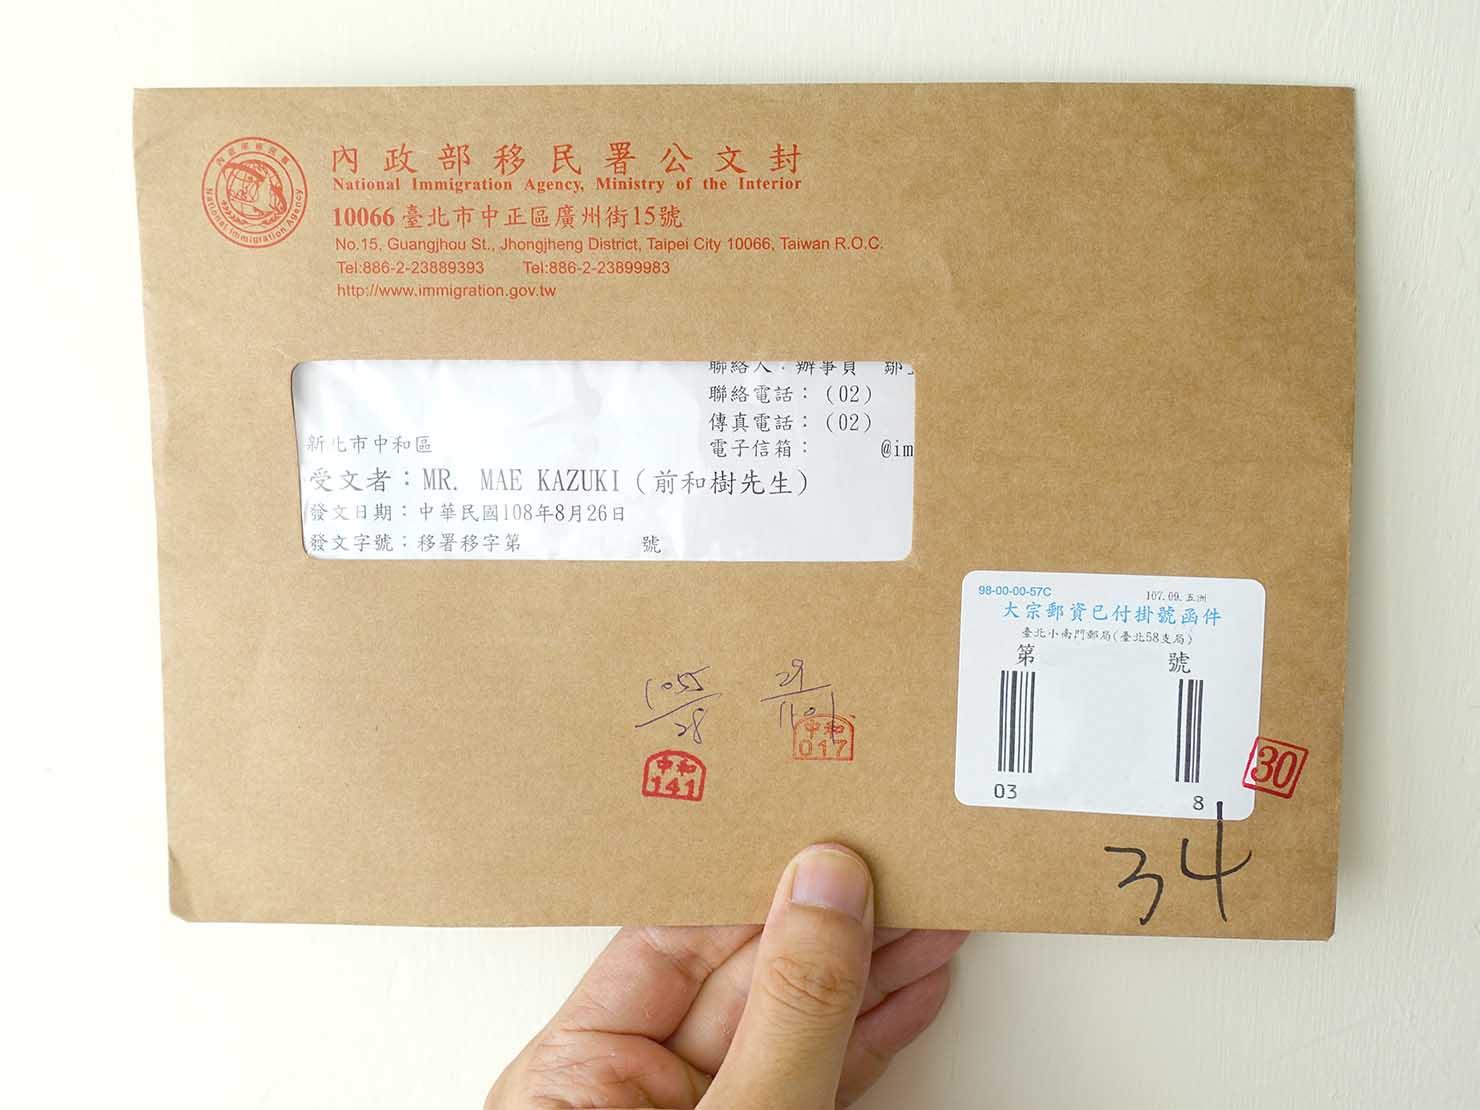 台湾の永住権(永久居留證)申請通過のお知らせ